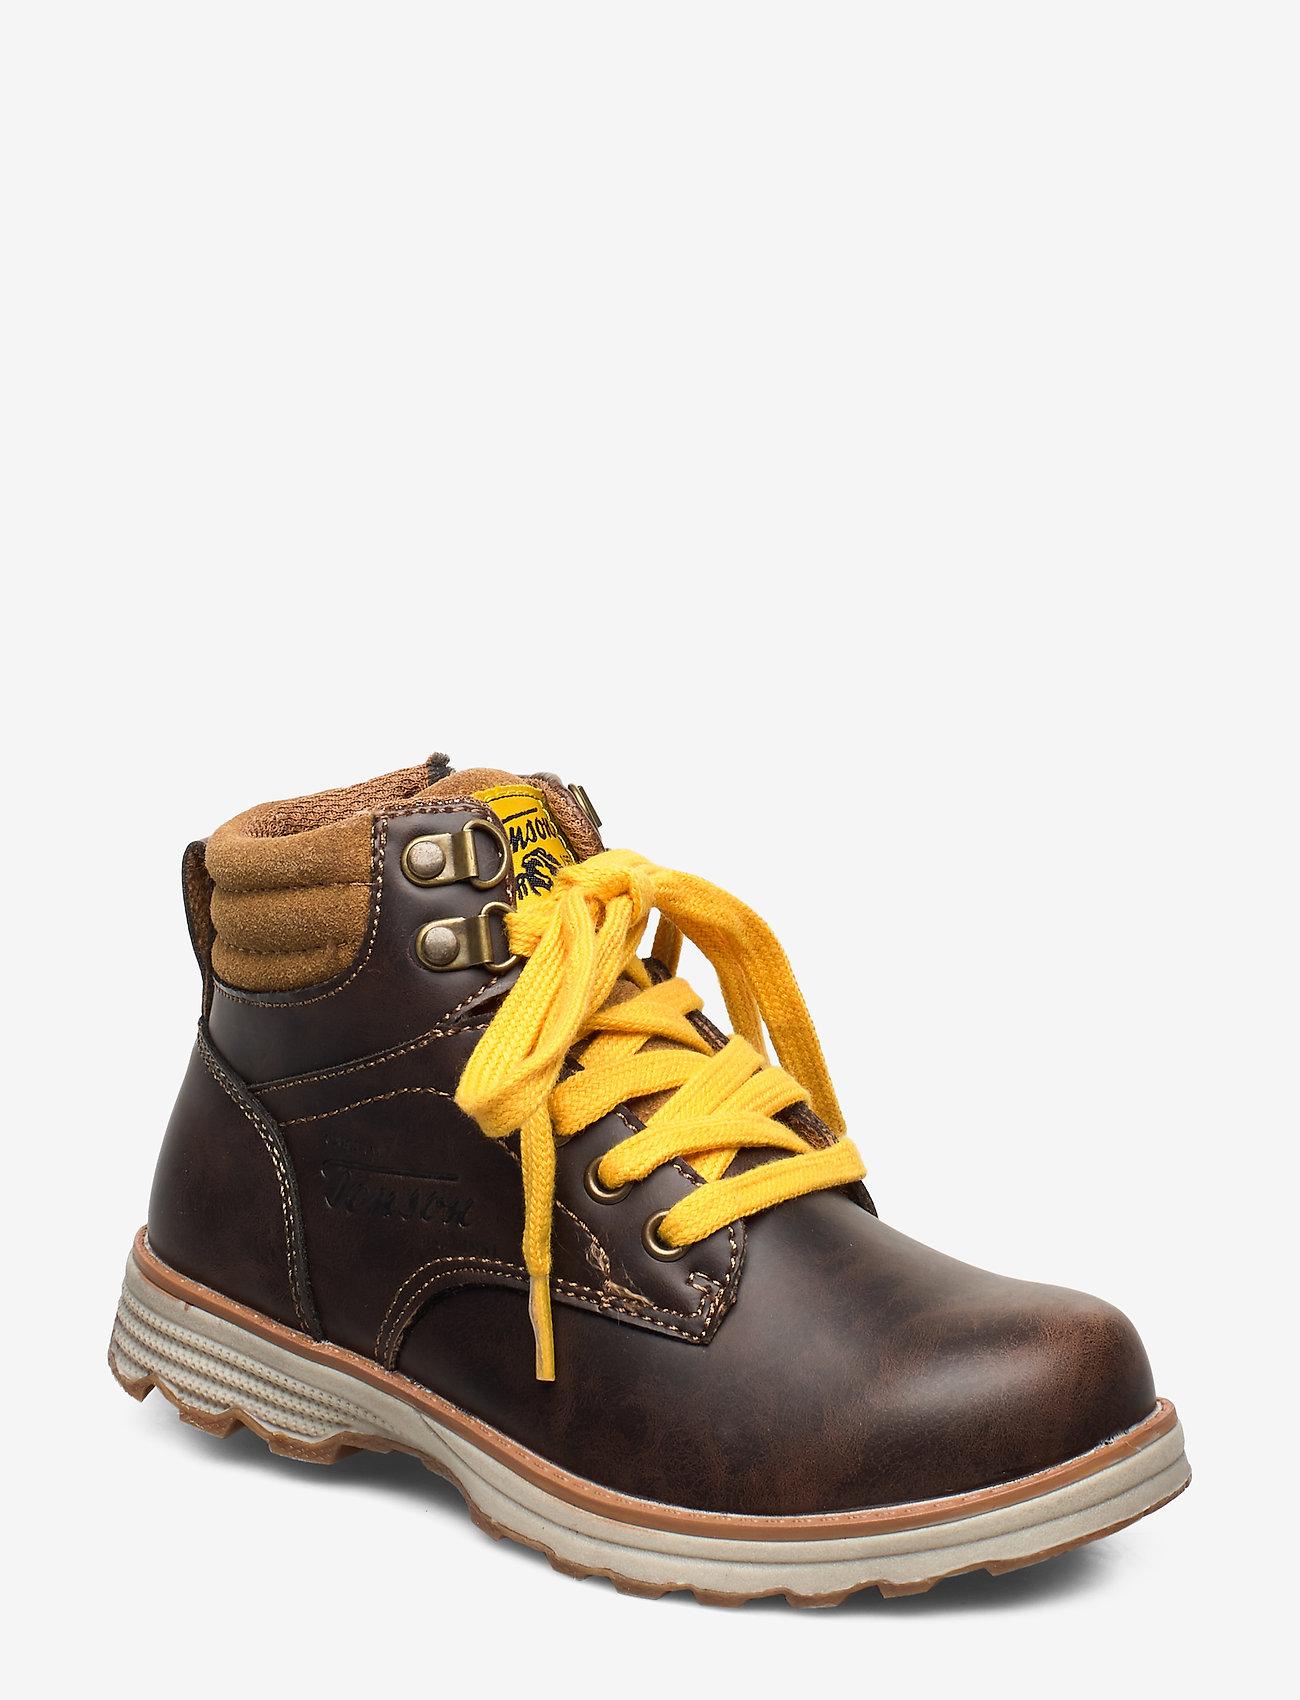 Tenson - RODEO - schoenen - brown - 0